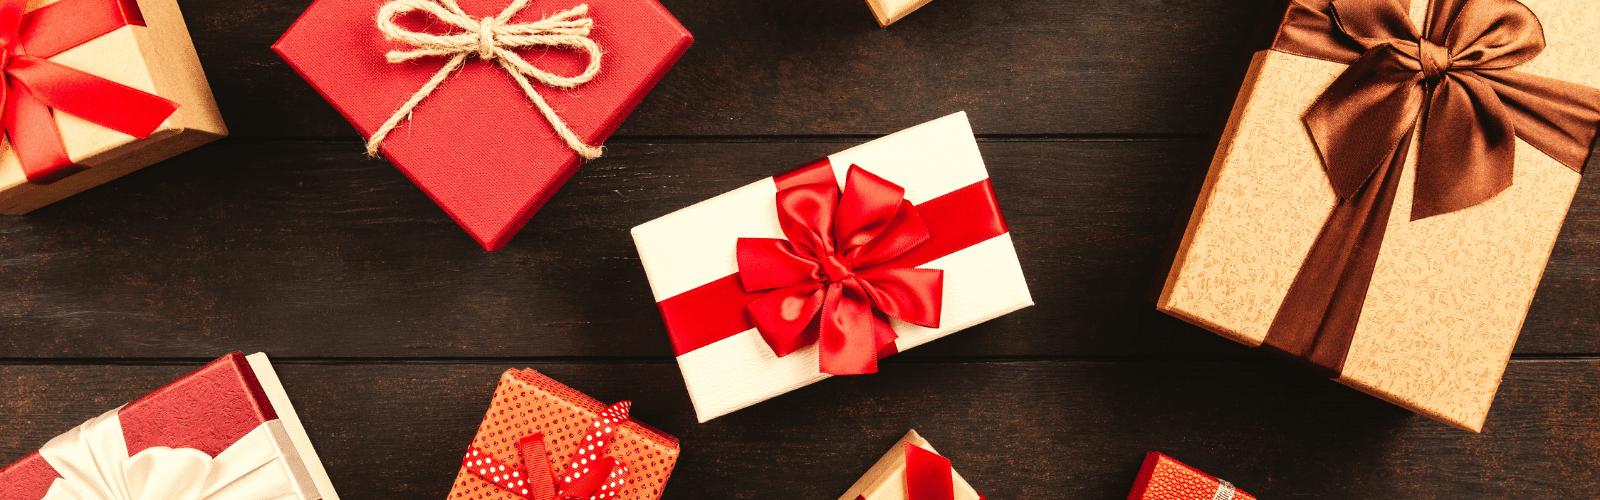 DIY : 10 cadeaux de Noël à réaliser avec les enfants !